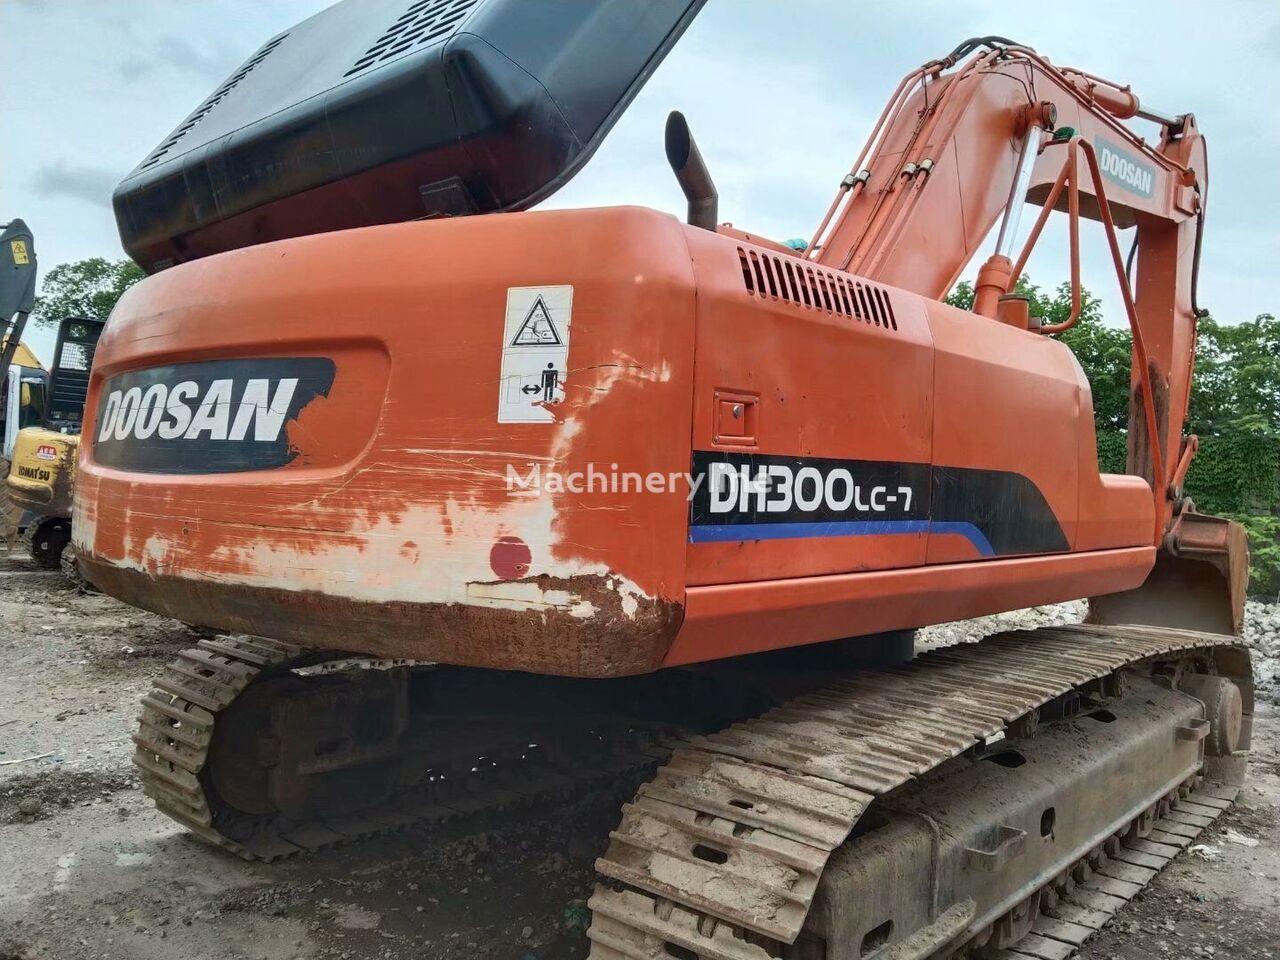 DOOSAN DH300-7 tracked excavator